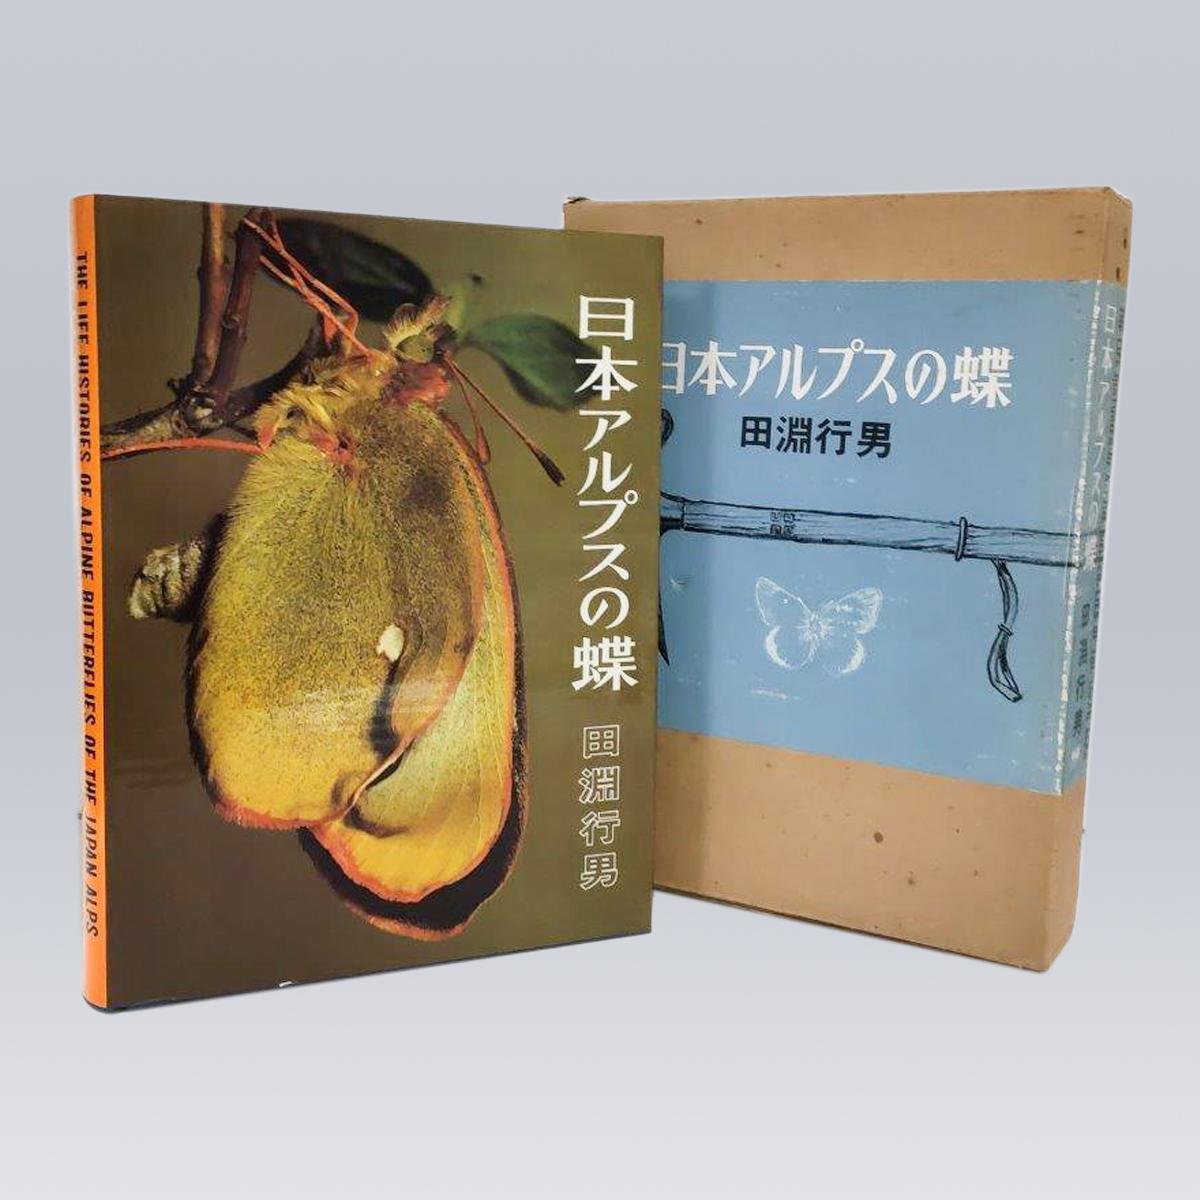 古書販売「日本アルプスの蝶」